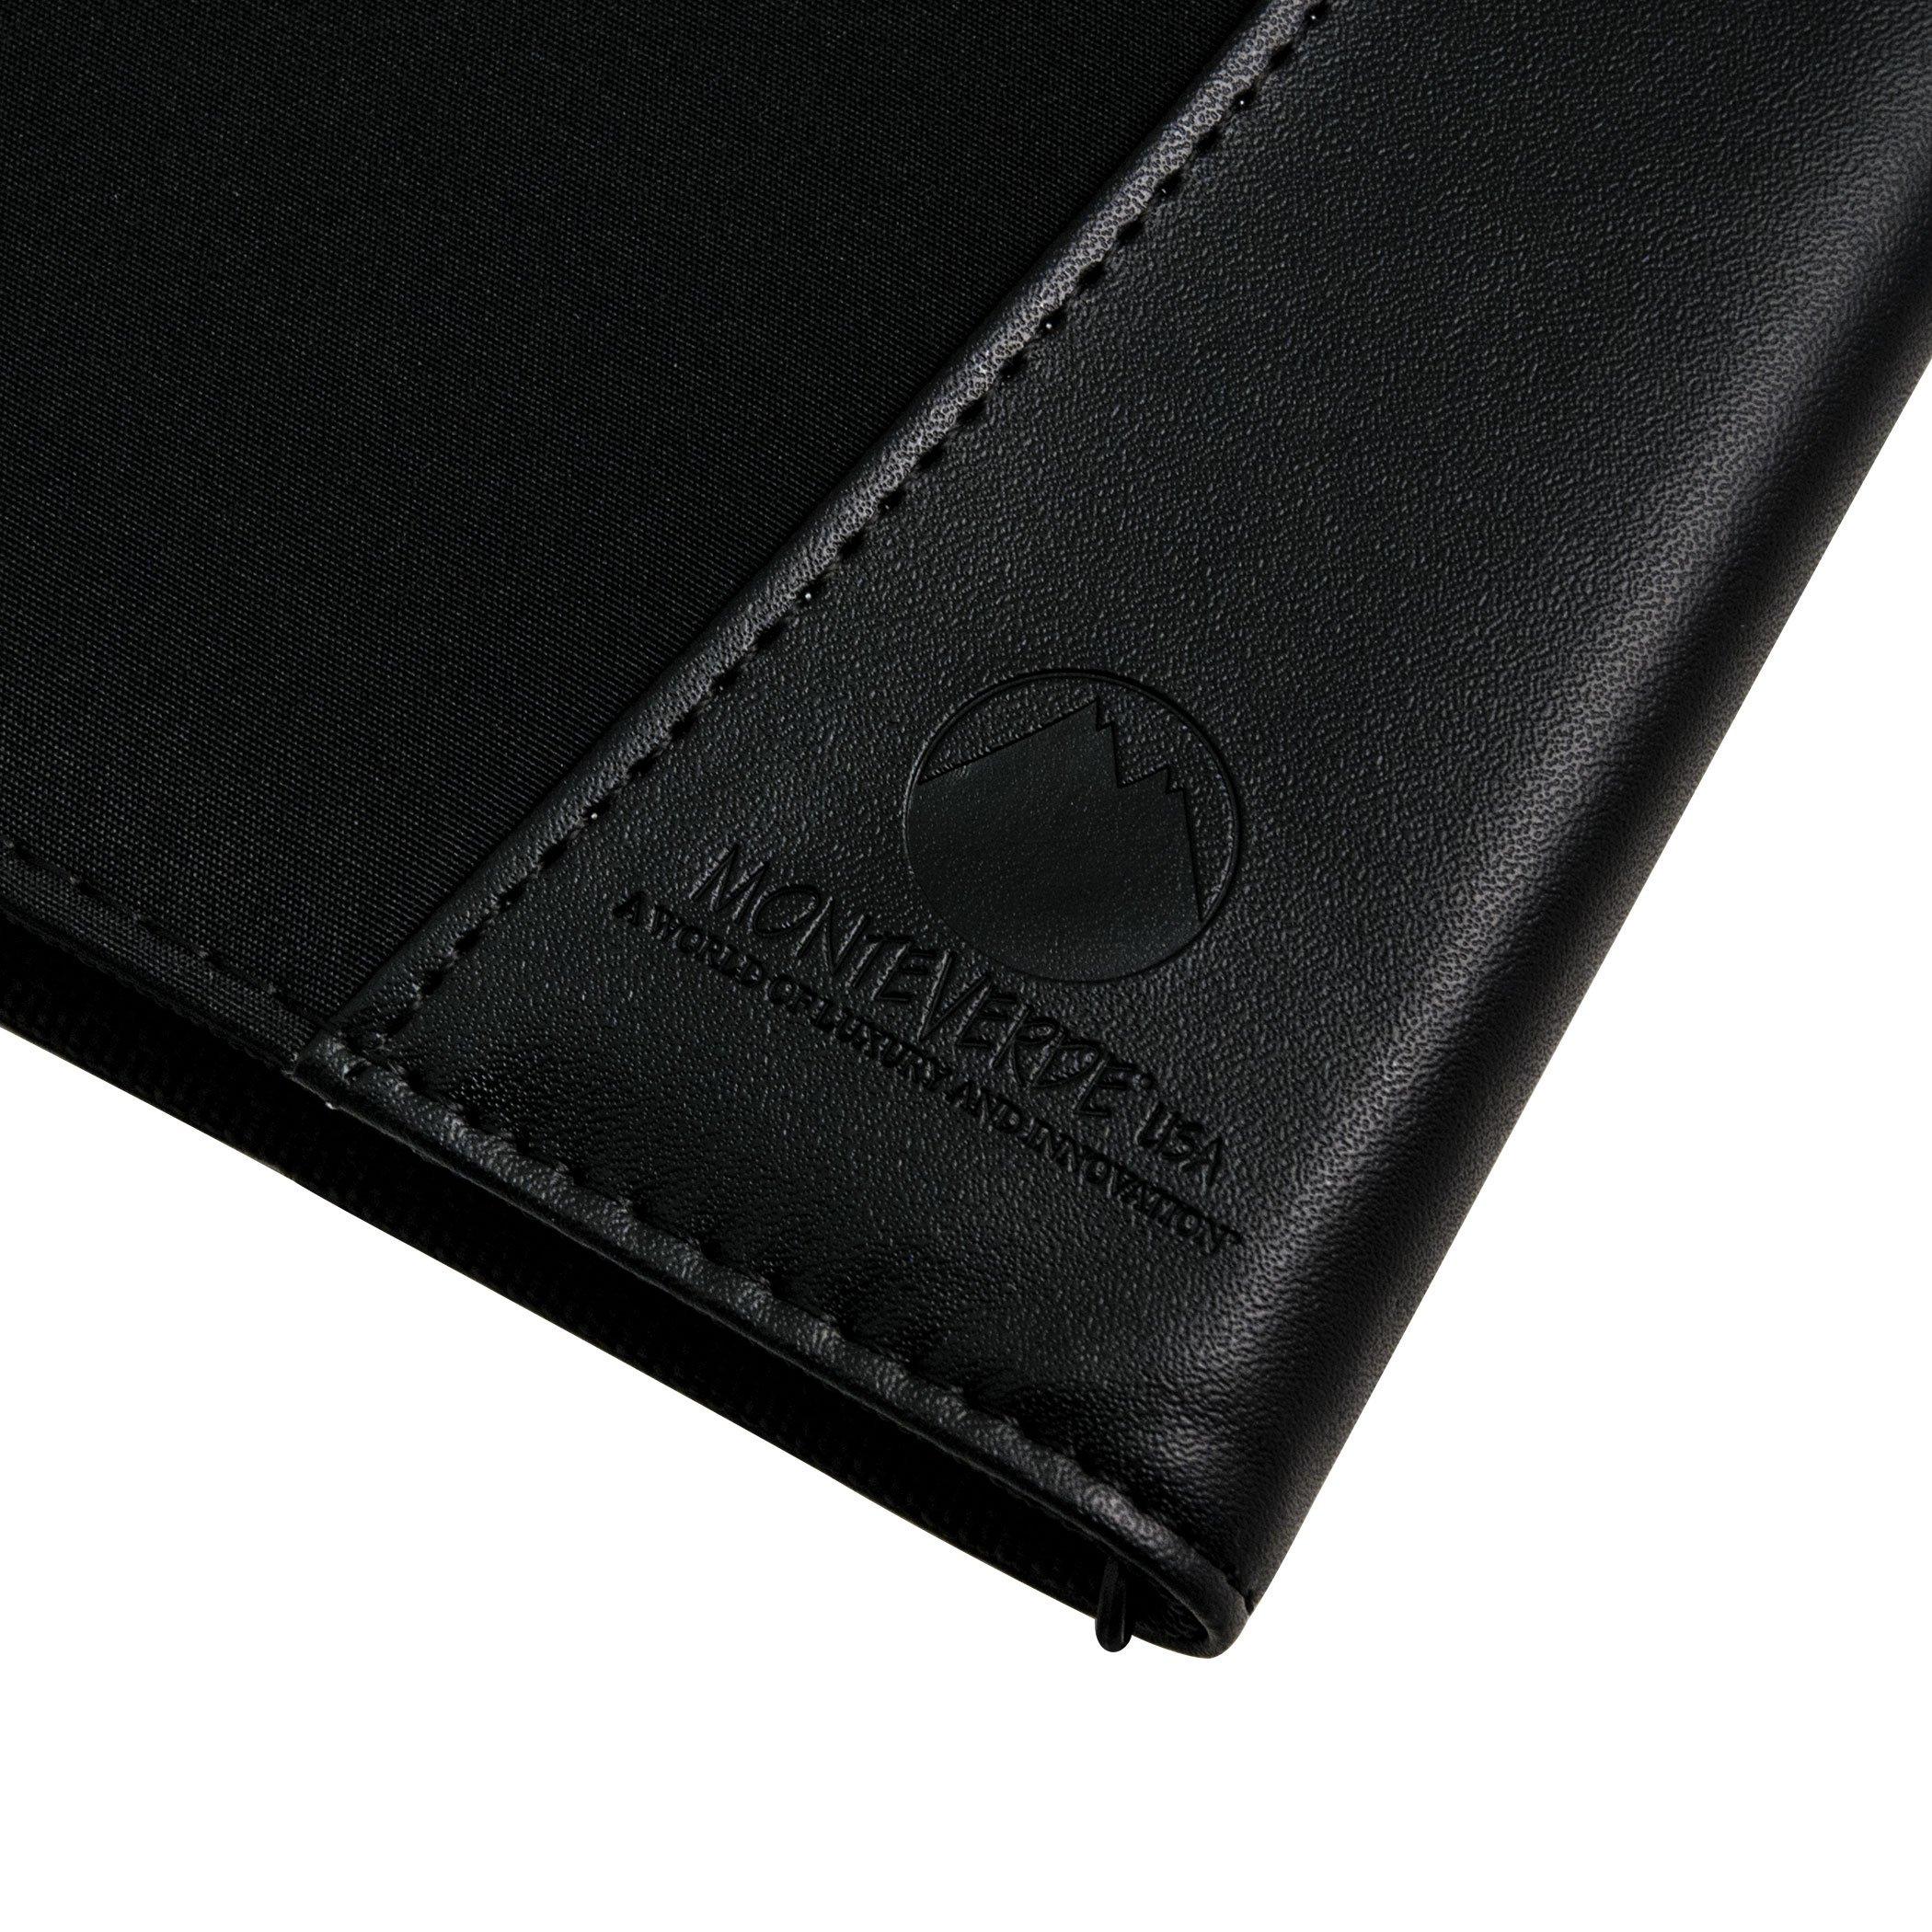 MONTEVERDE Monteverde 36 PC Zipper Pen Case; Black (1407) by Monteverde (Image #3)